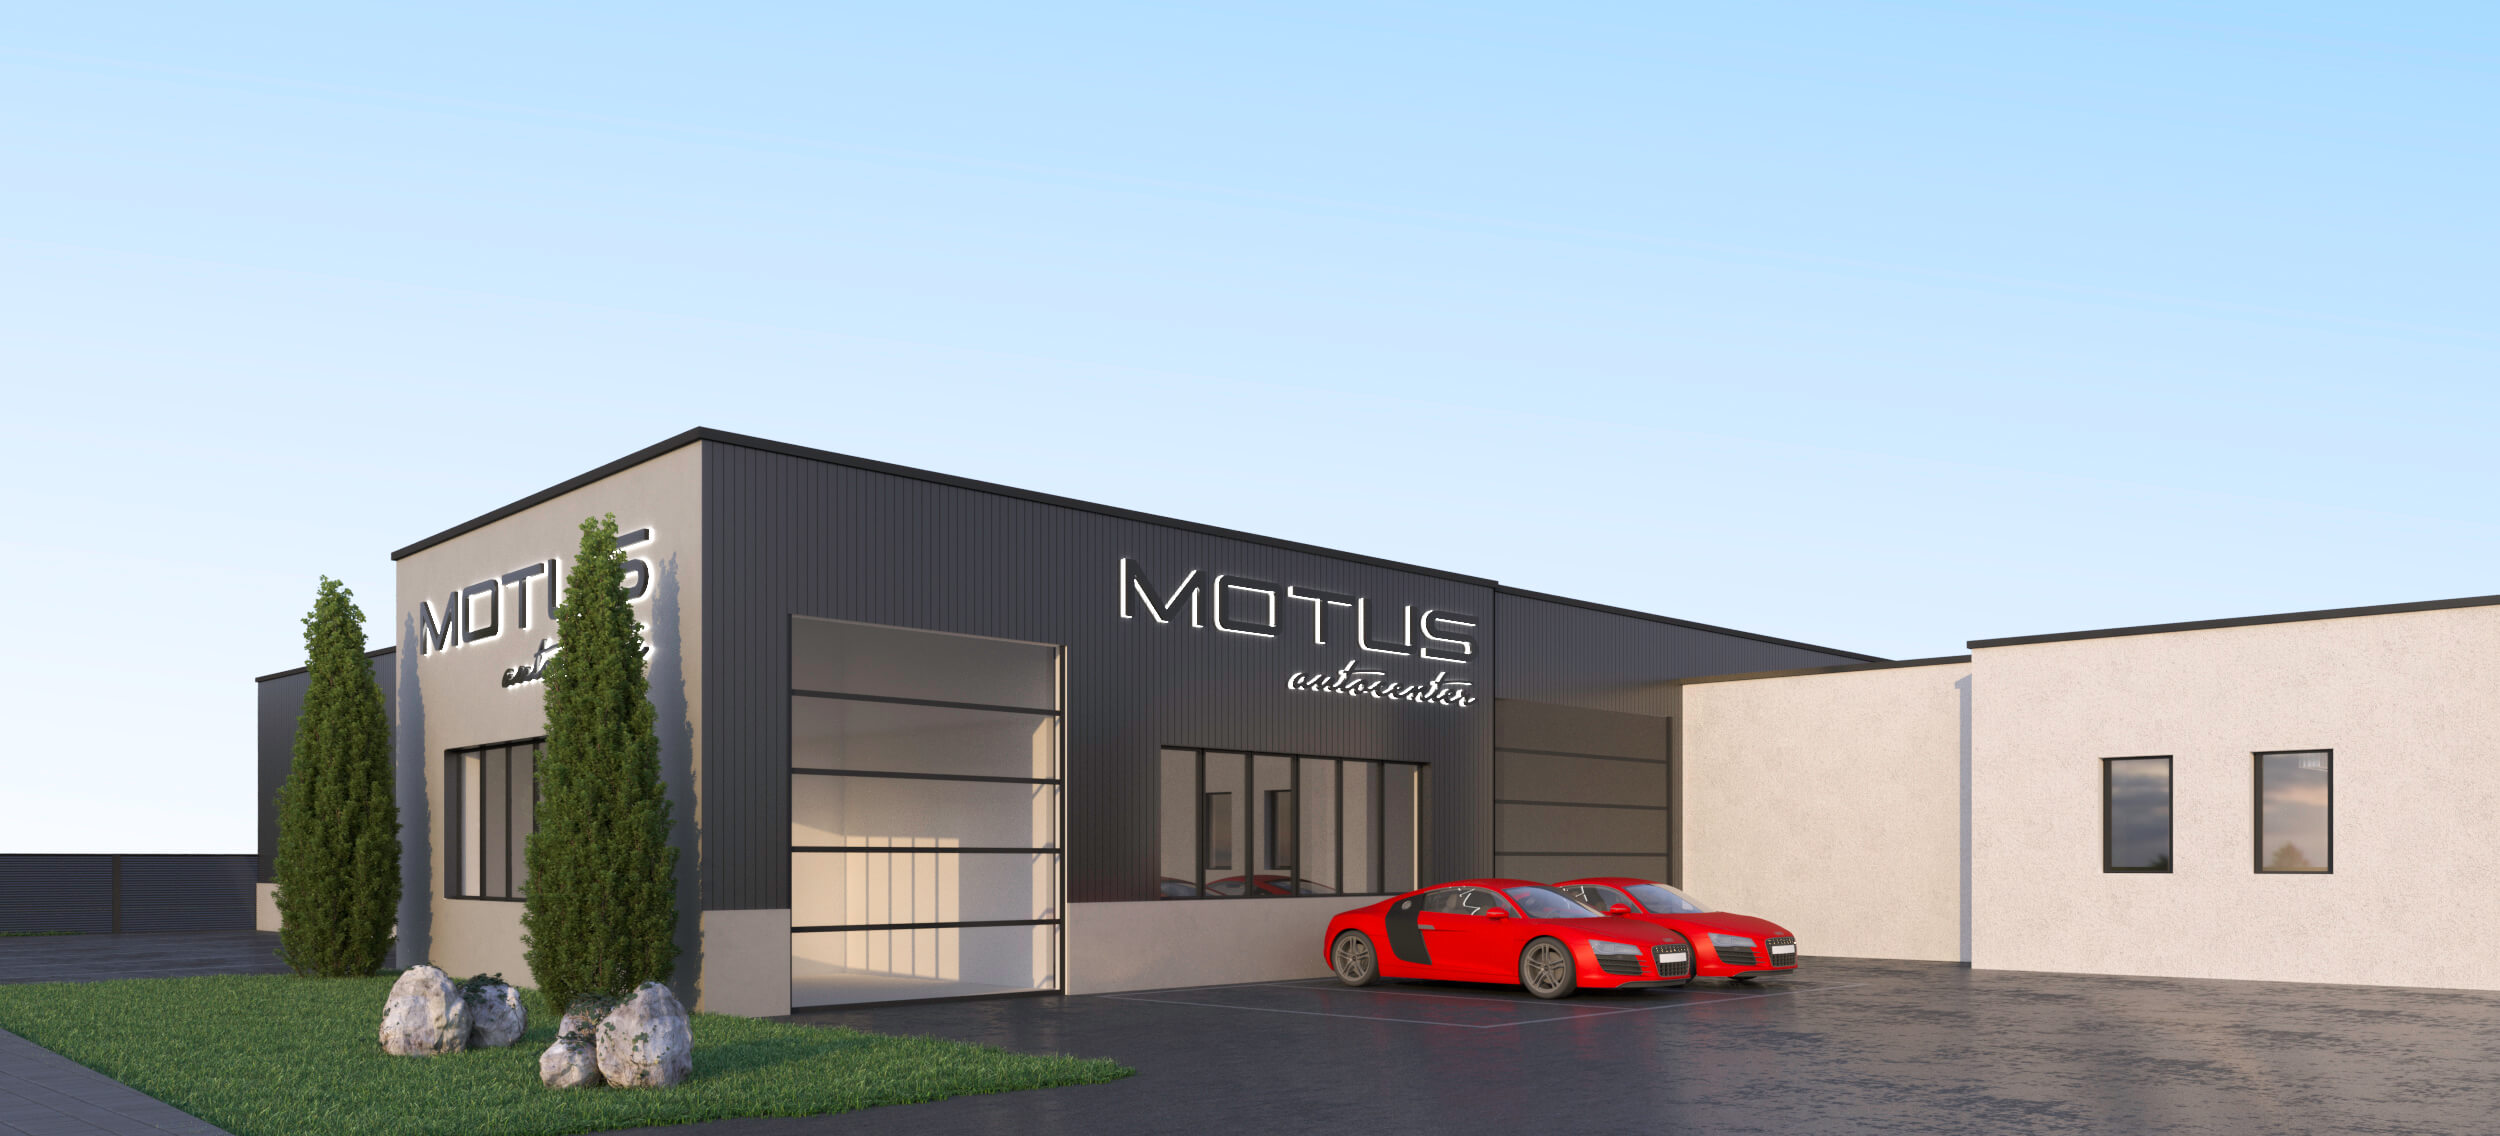 MOTUS Autocenter 3D Rendering - Sicht auf Werkstatt